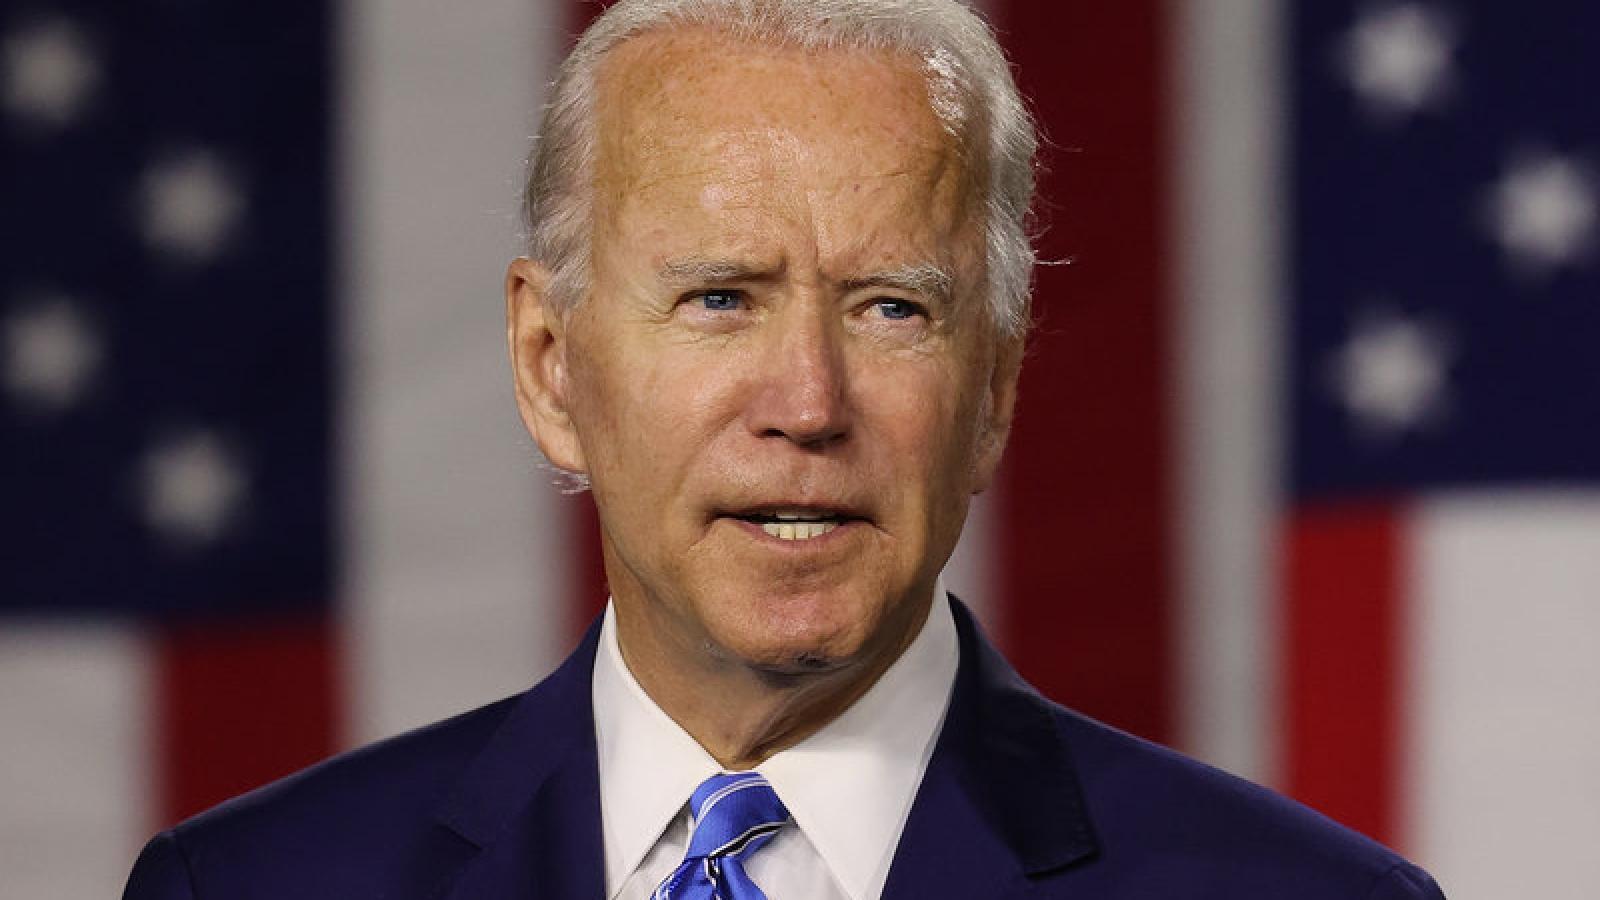 Tổng thống Biden: Mỹ có thể trở lại bình thường vào dịp quốc khánh 4/7